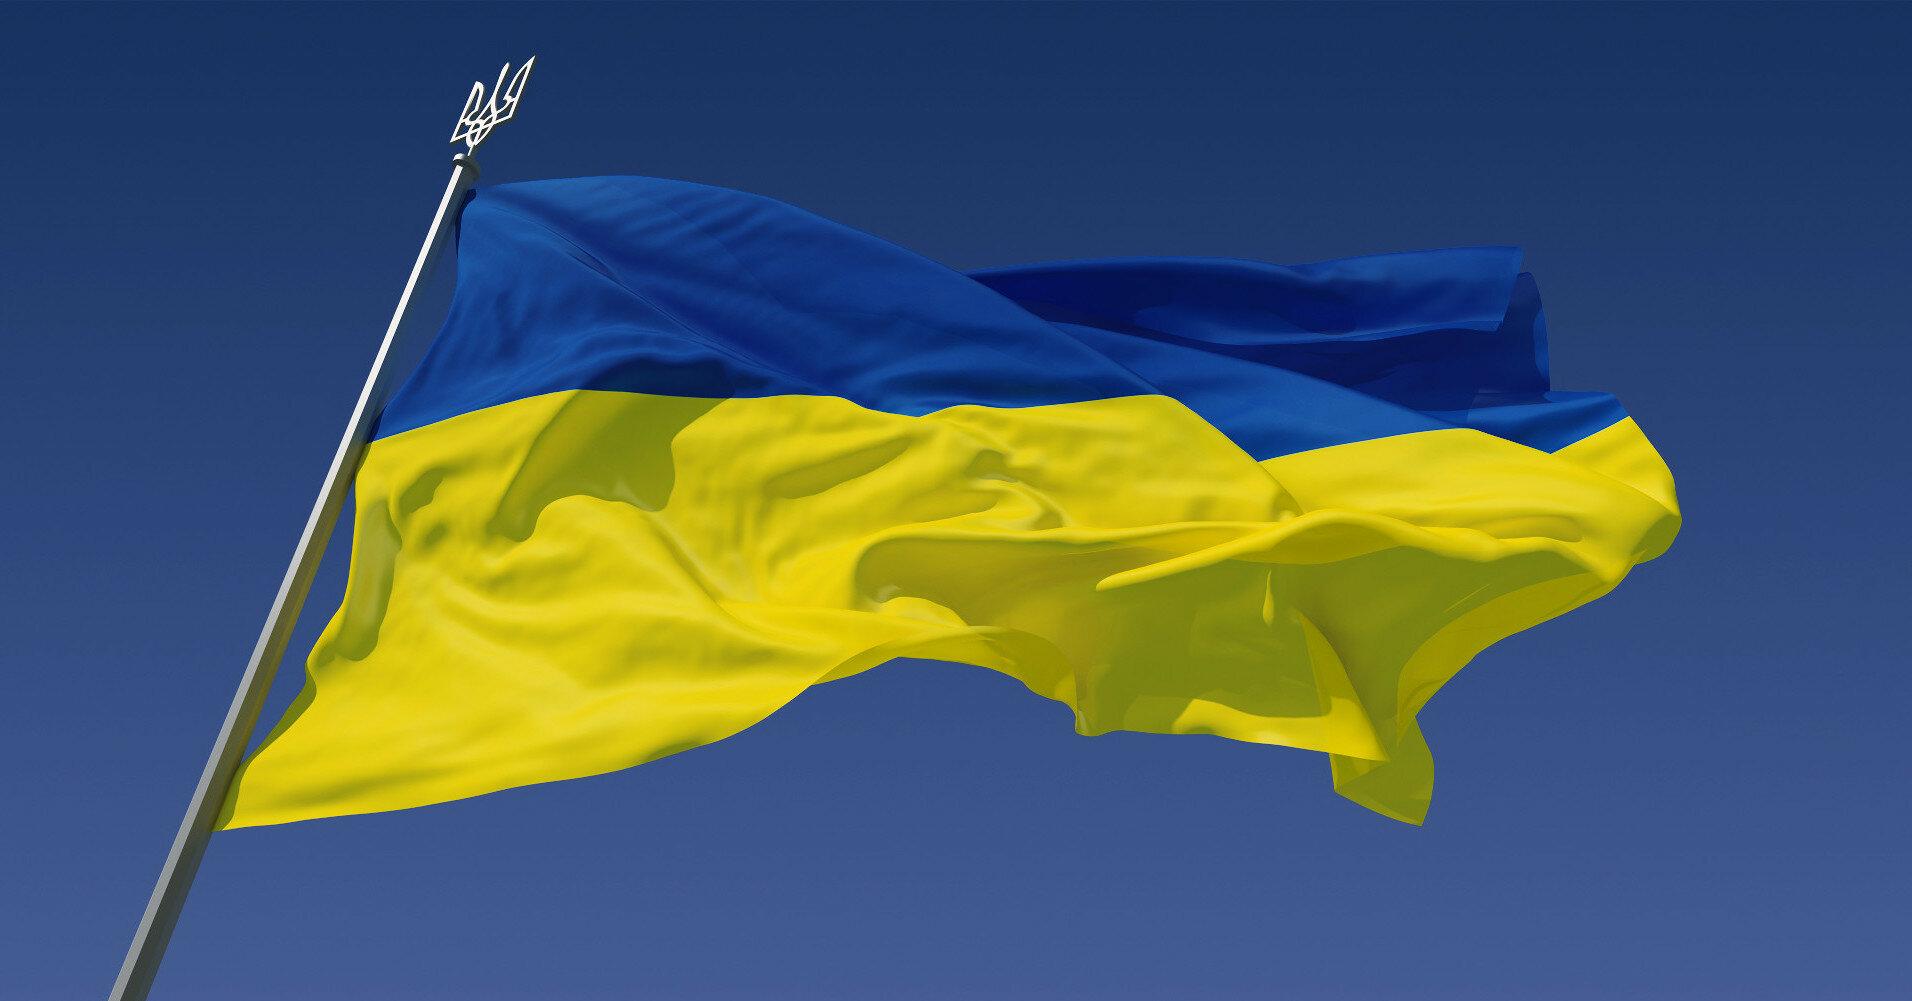 Членство Украины в ЕС и НАТО позволит избежать войны